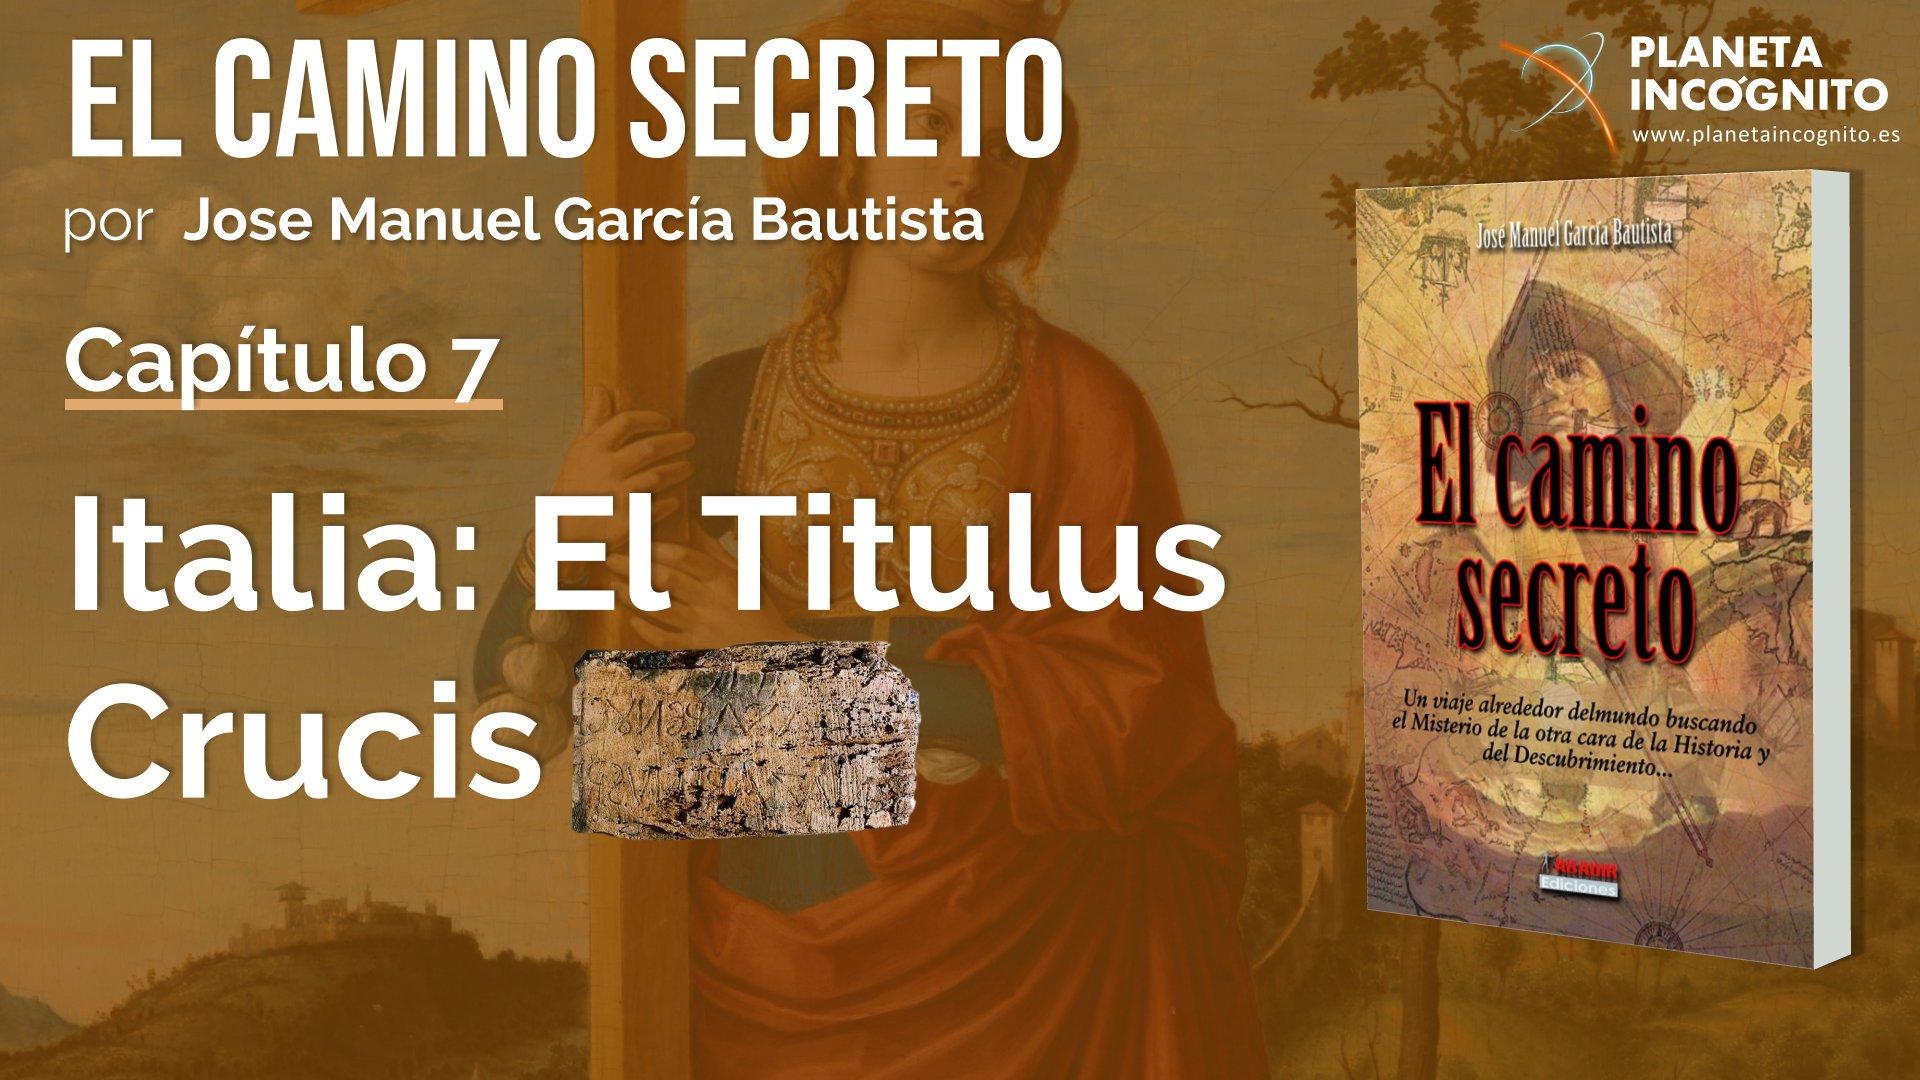 El Titulus Crucis : Capítulo 7 del libro El Camino Secreto